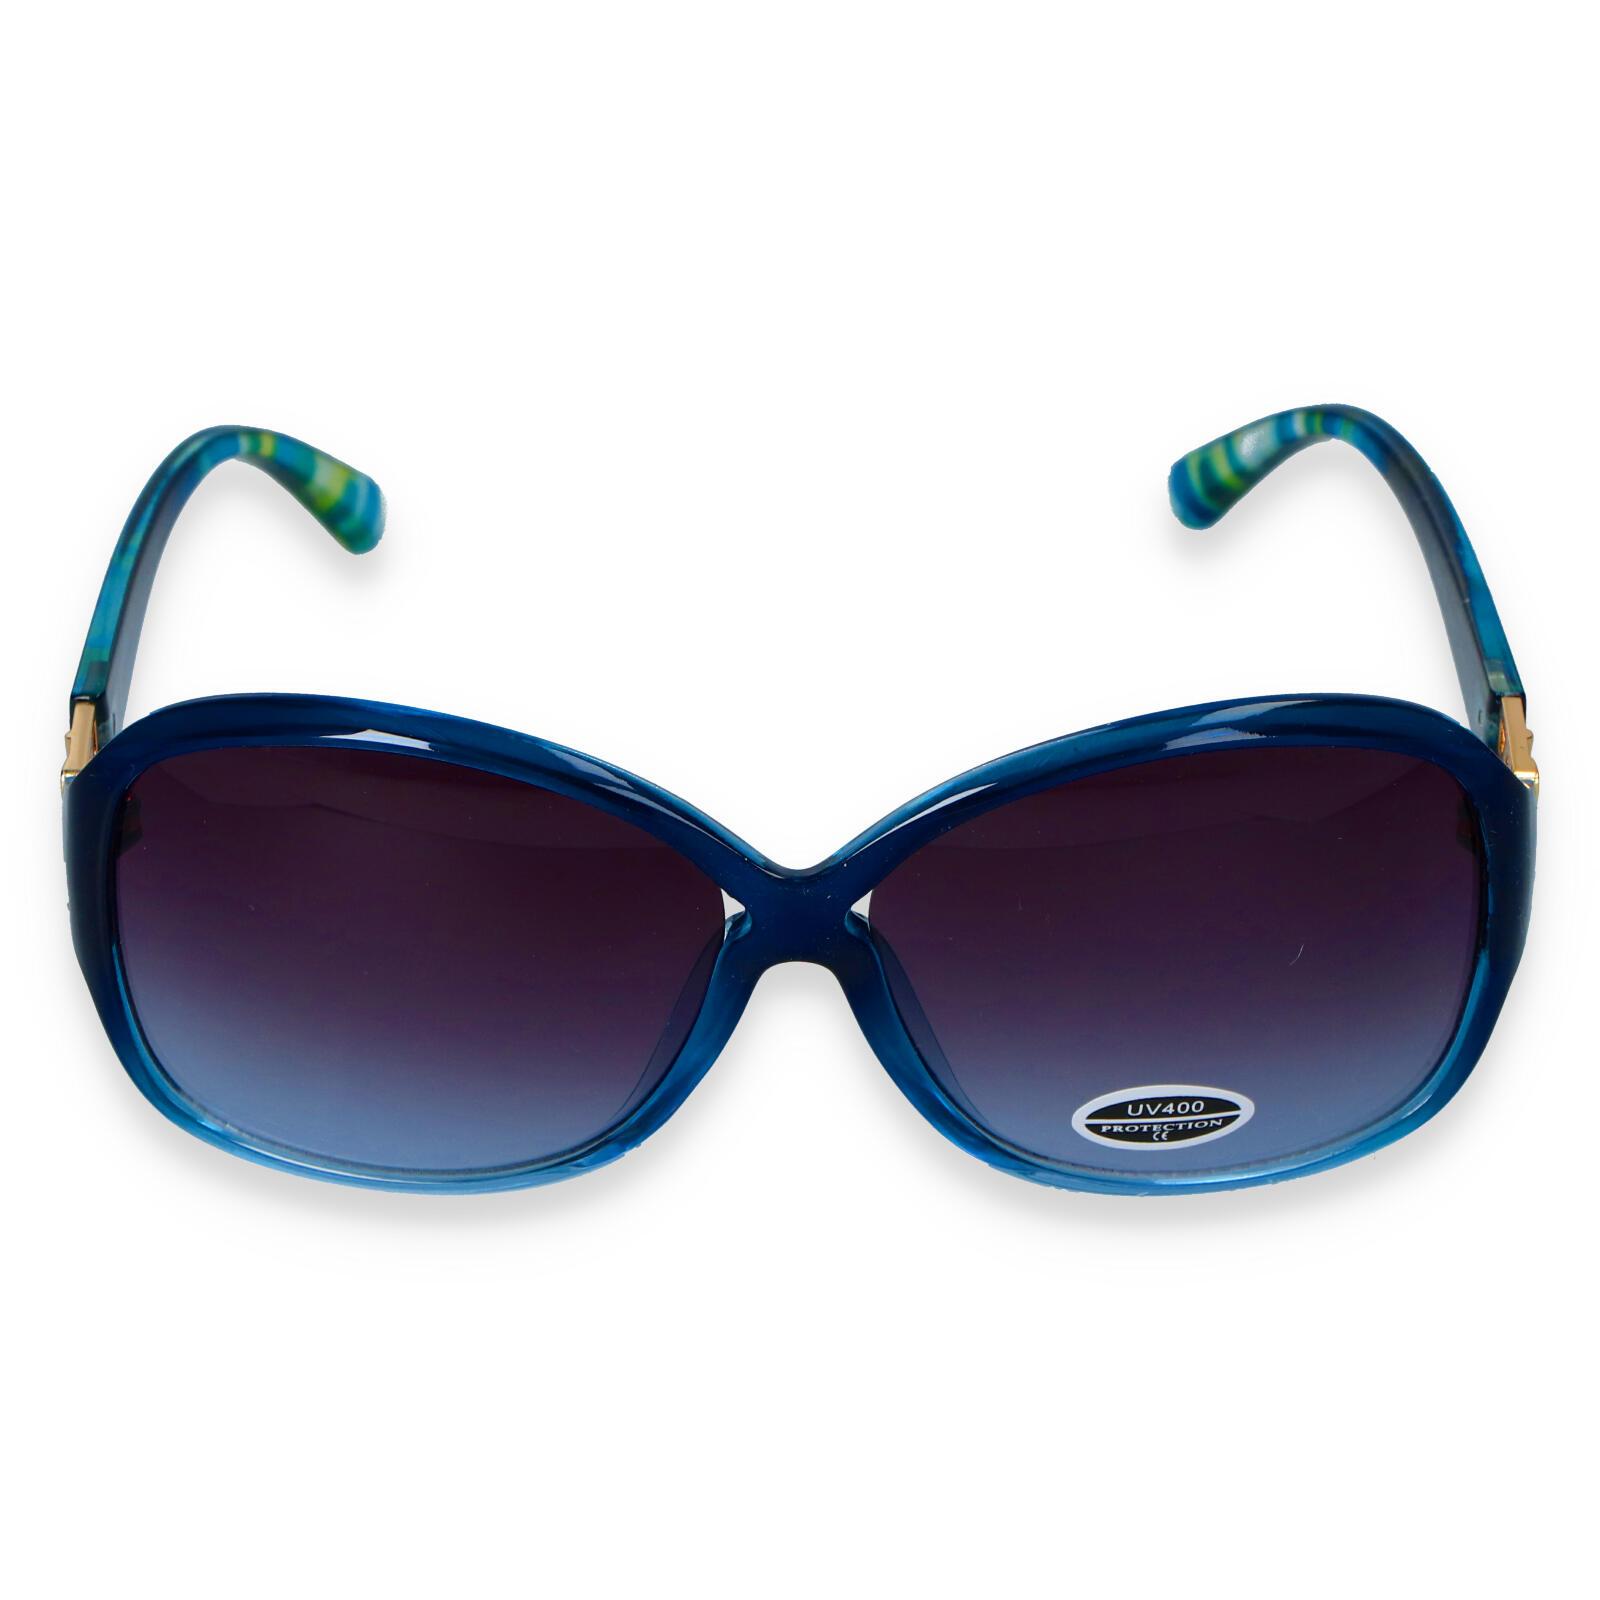 Dámske slnečné okuliare modré - S7705